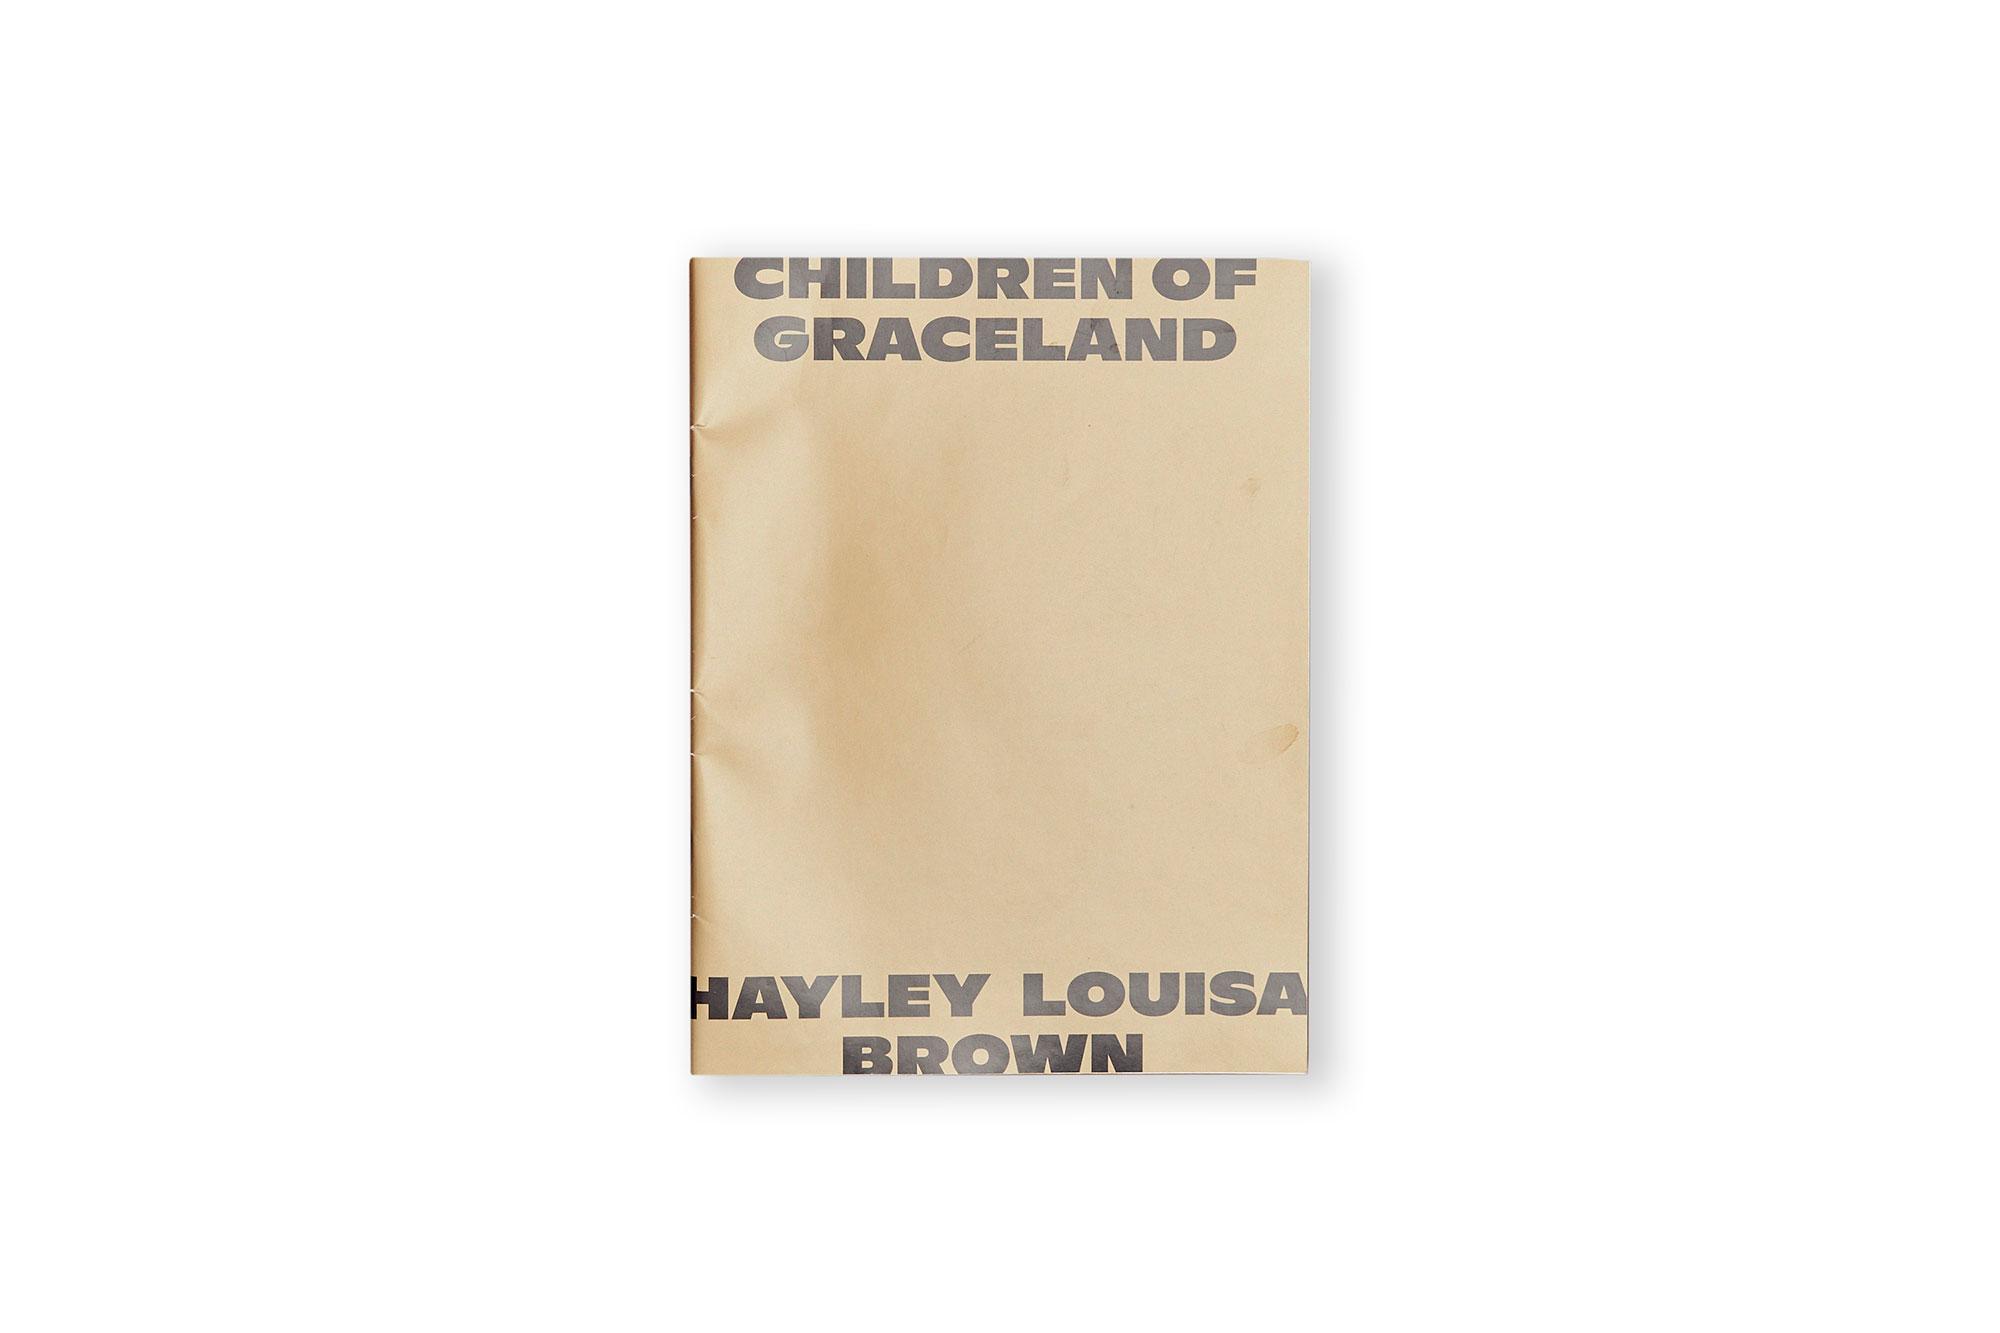 CHILDREN OF GRACELAND, hayley louisa brown.